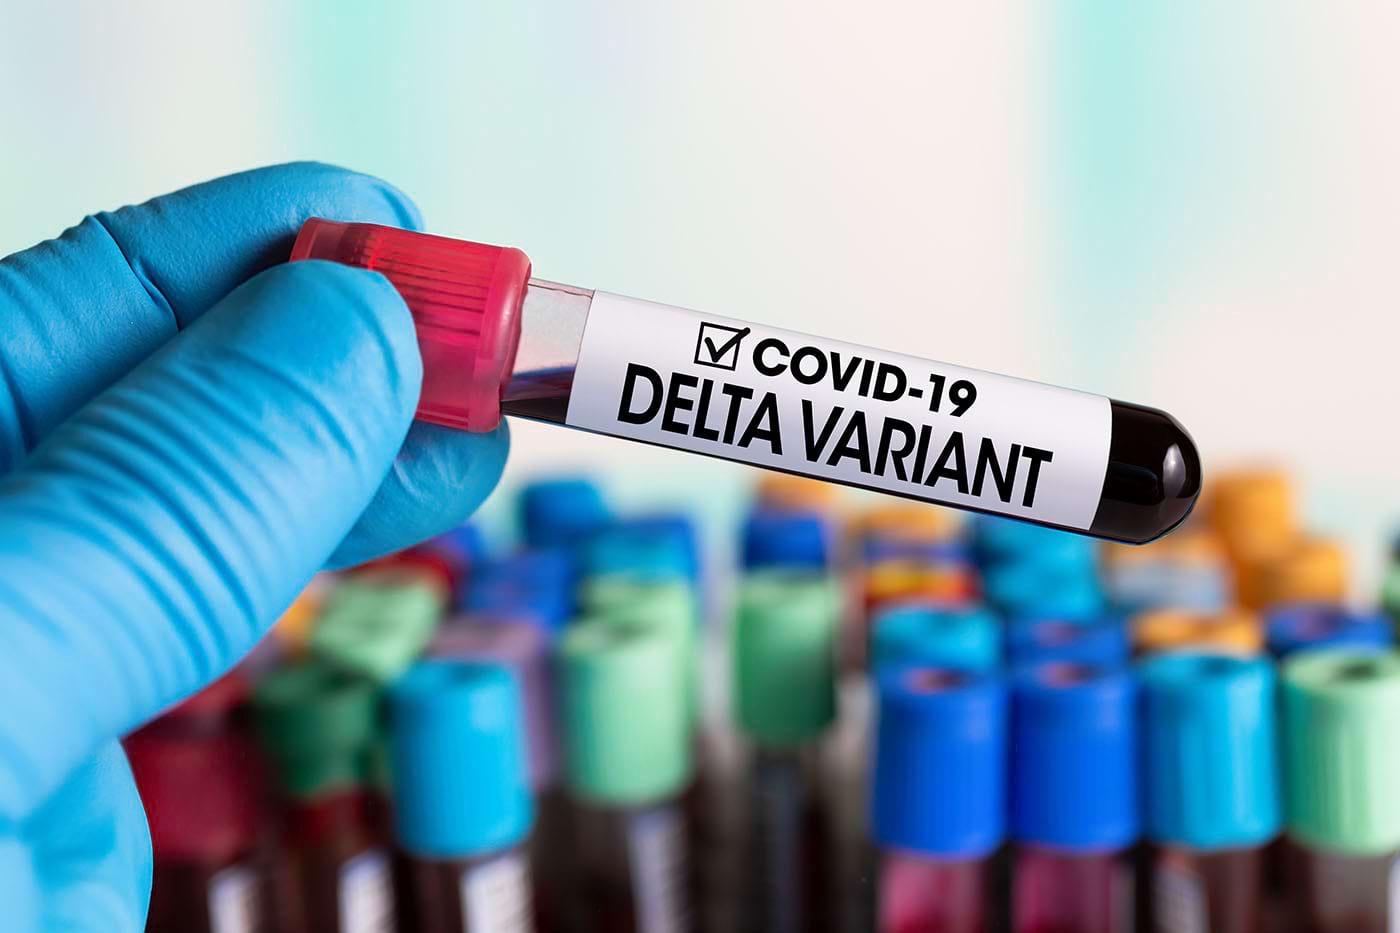 Varianta Delta a coronavirusului: întrebări și răspunsuri